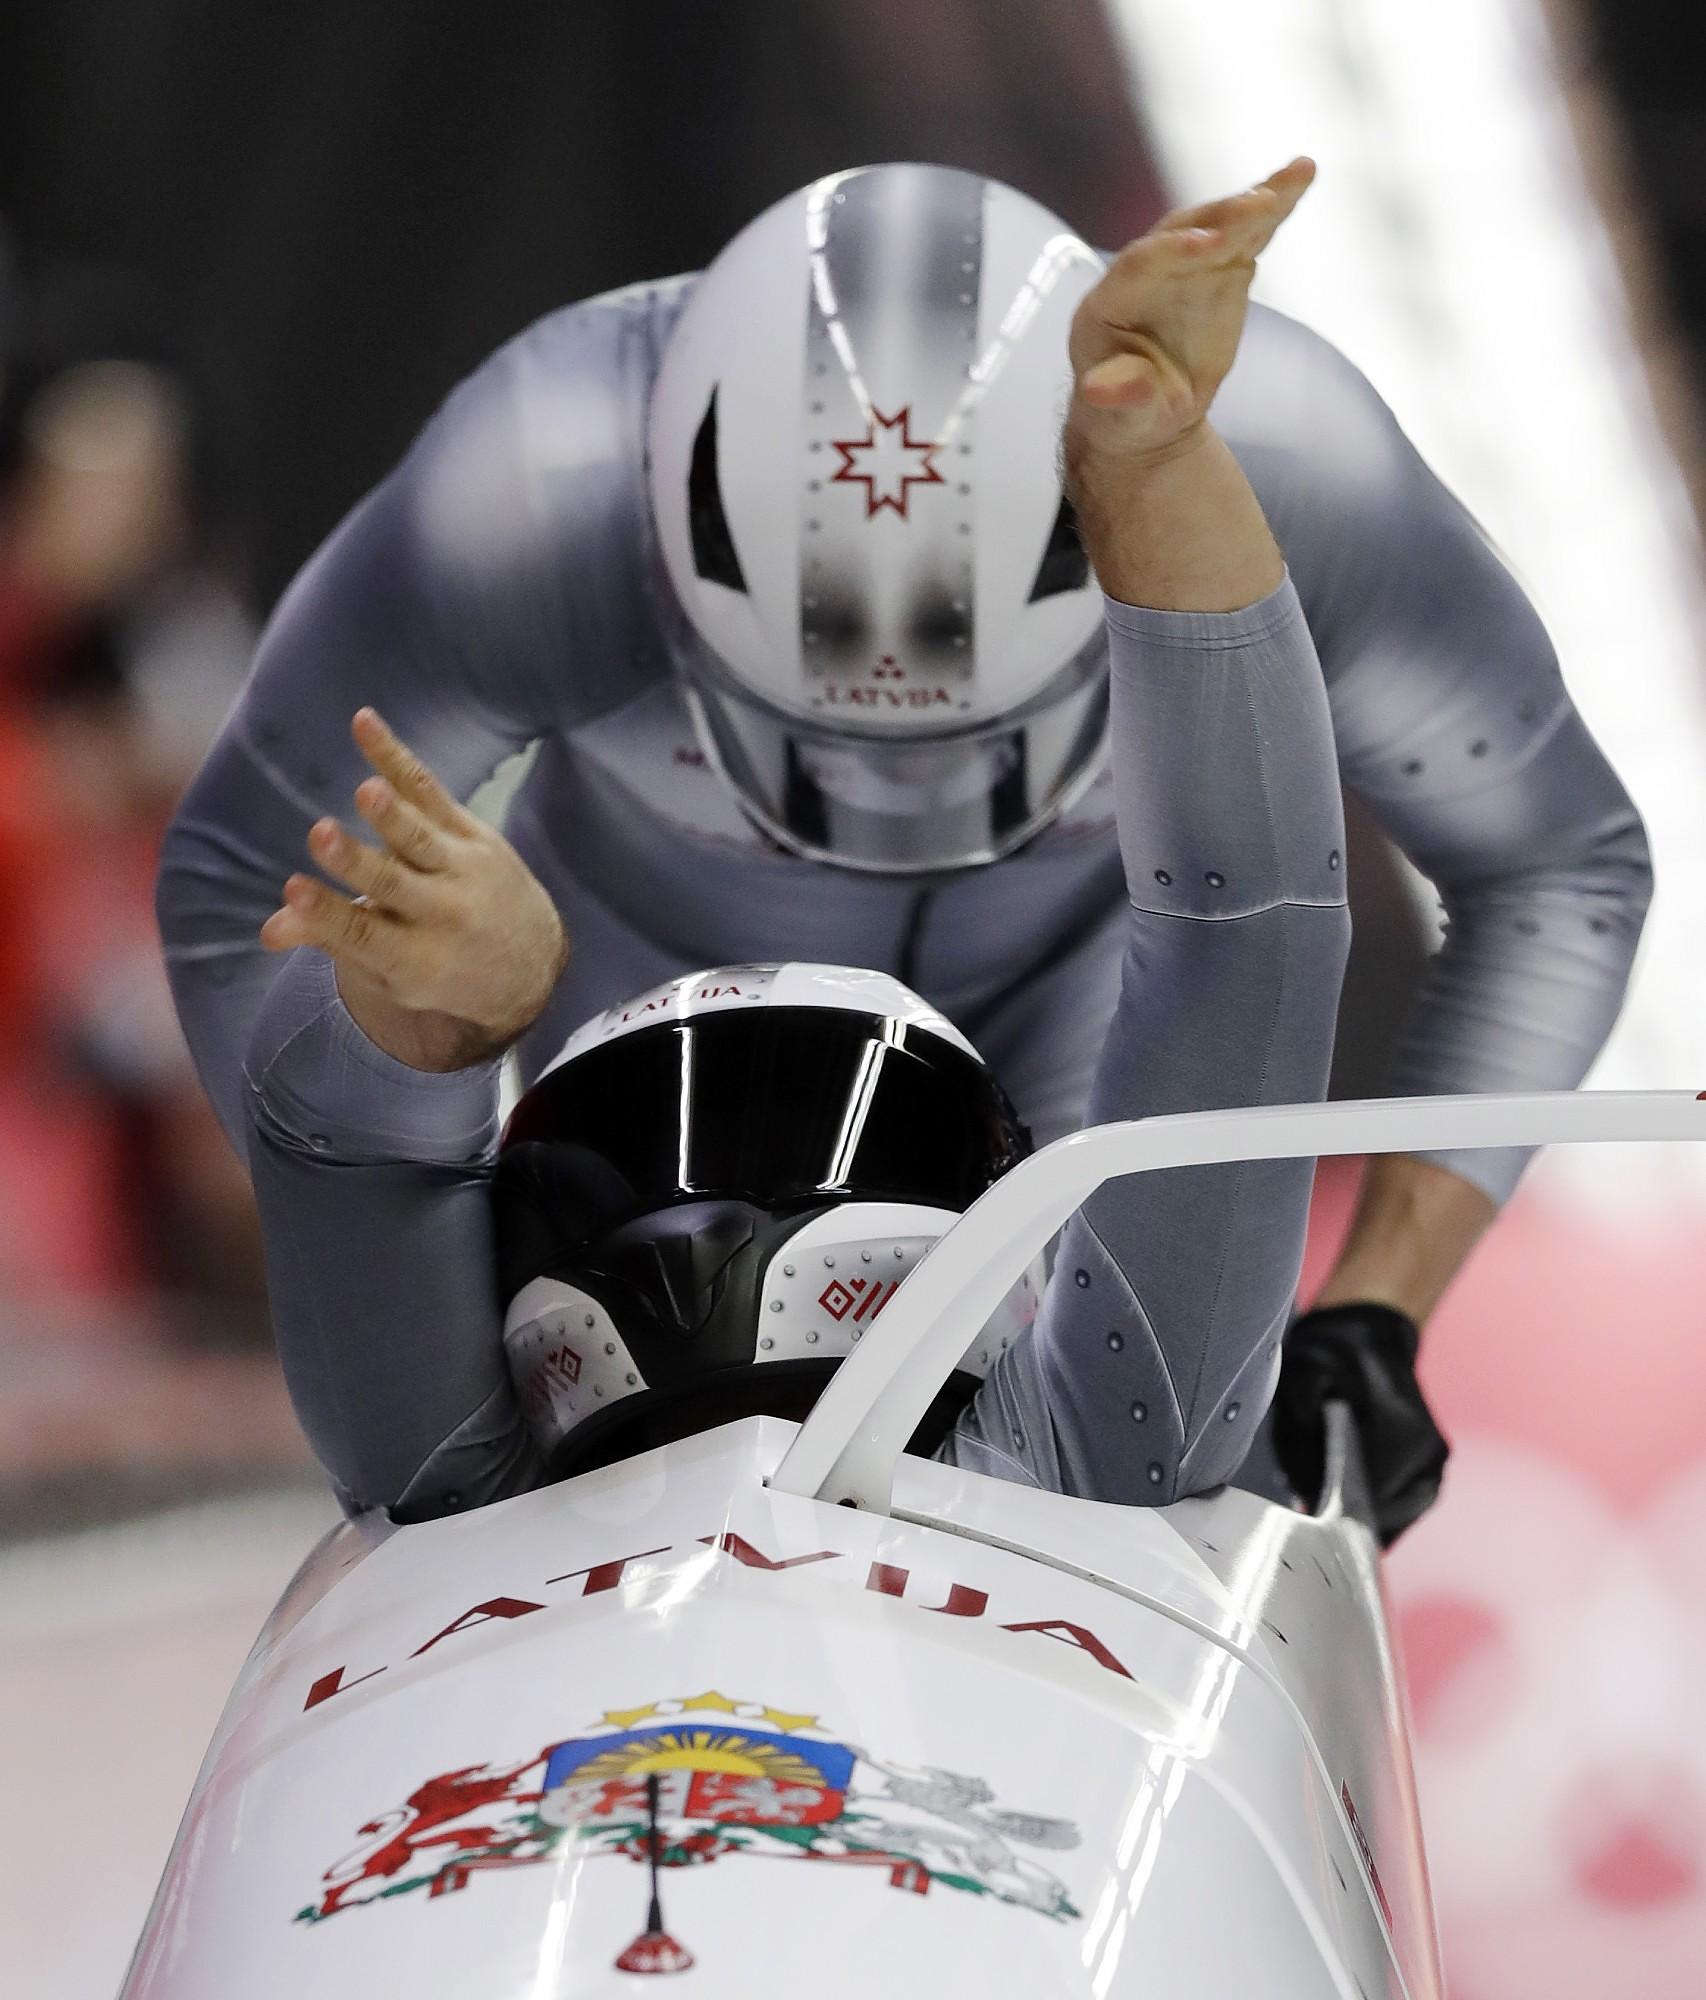 У Латвии первая медаль на Олимпиаде: лиепайчанин на 9-ом месте